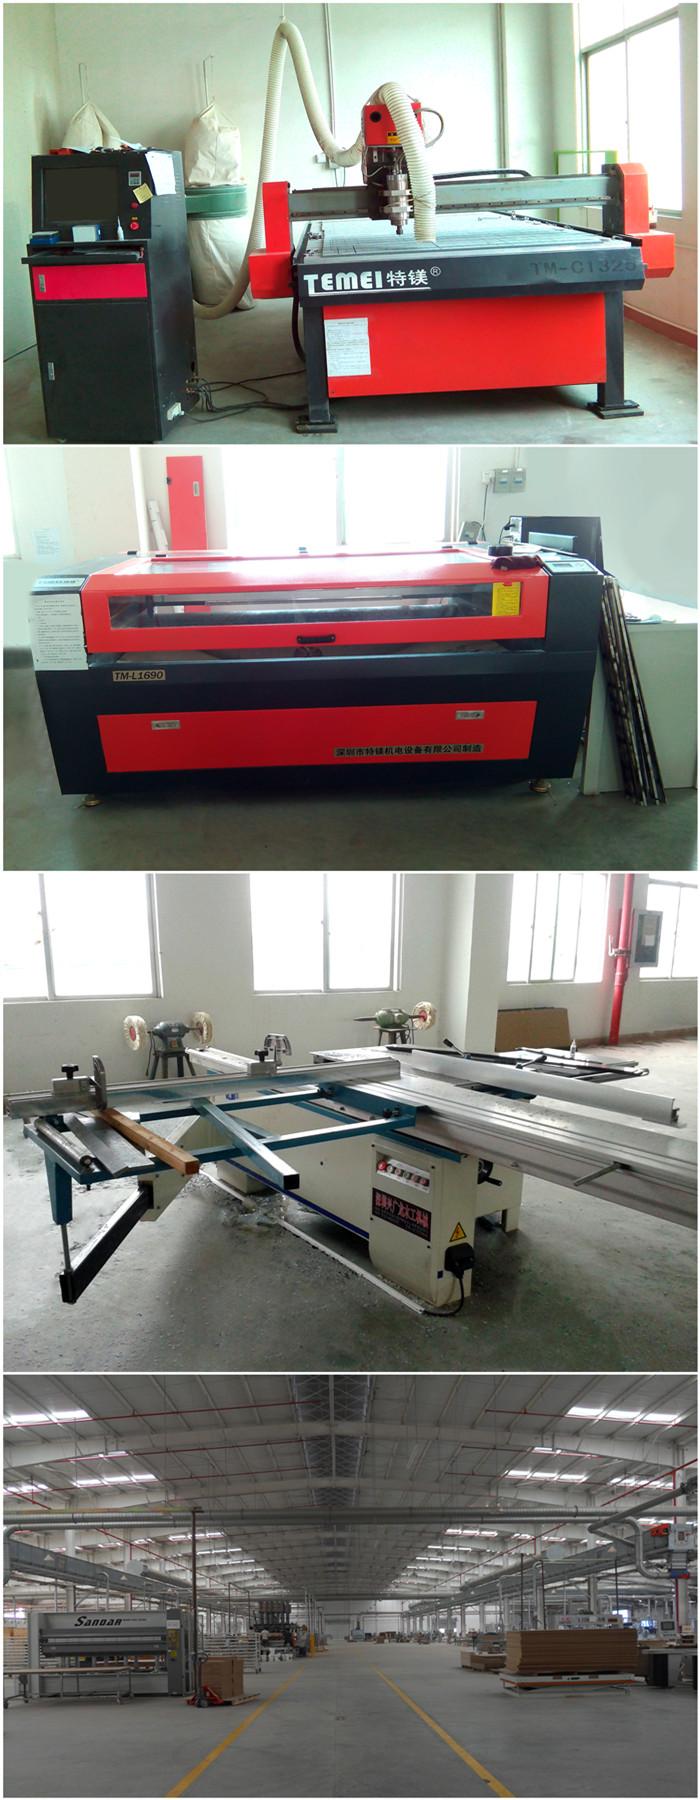 Machine,Factory